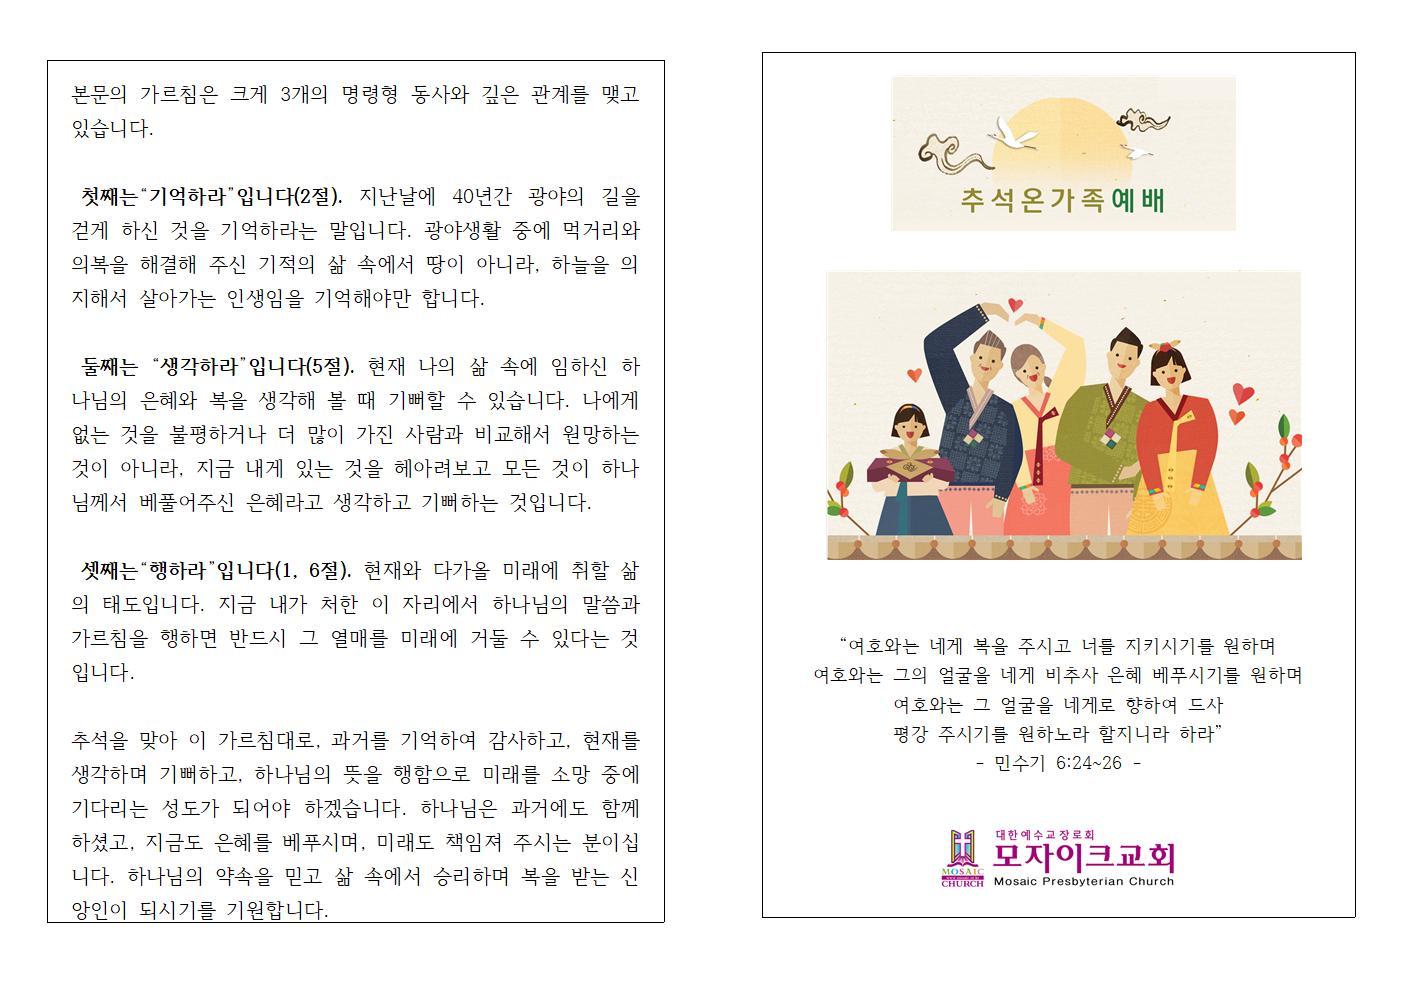 모자이크교회 2020 추석명절 가정예배 순서지-1 (2)001.jpg